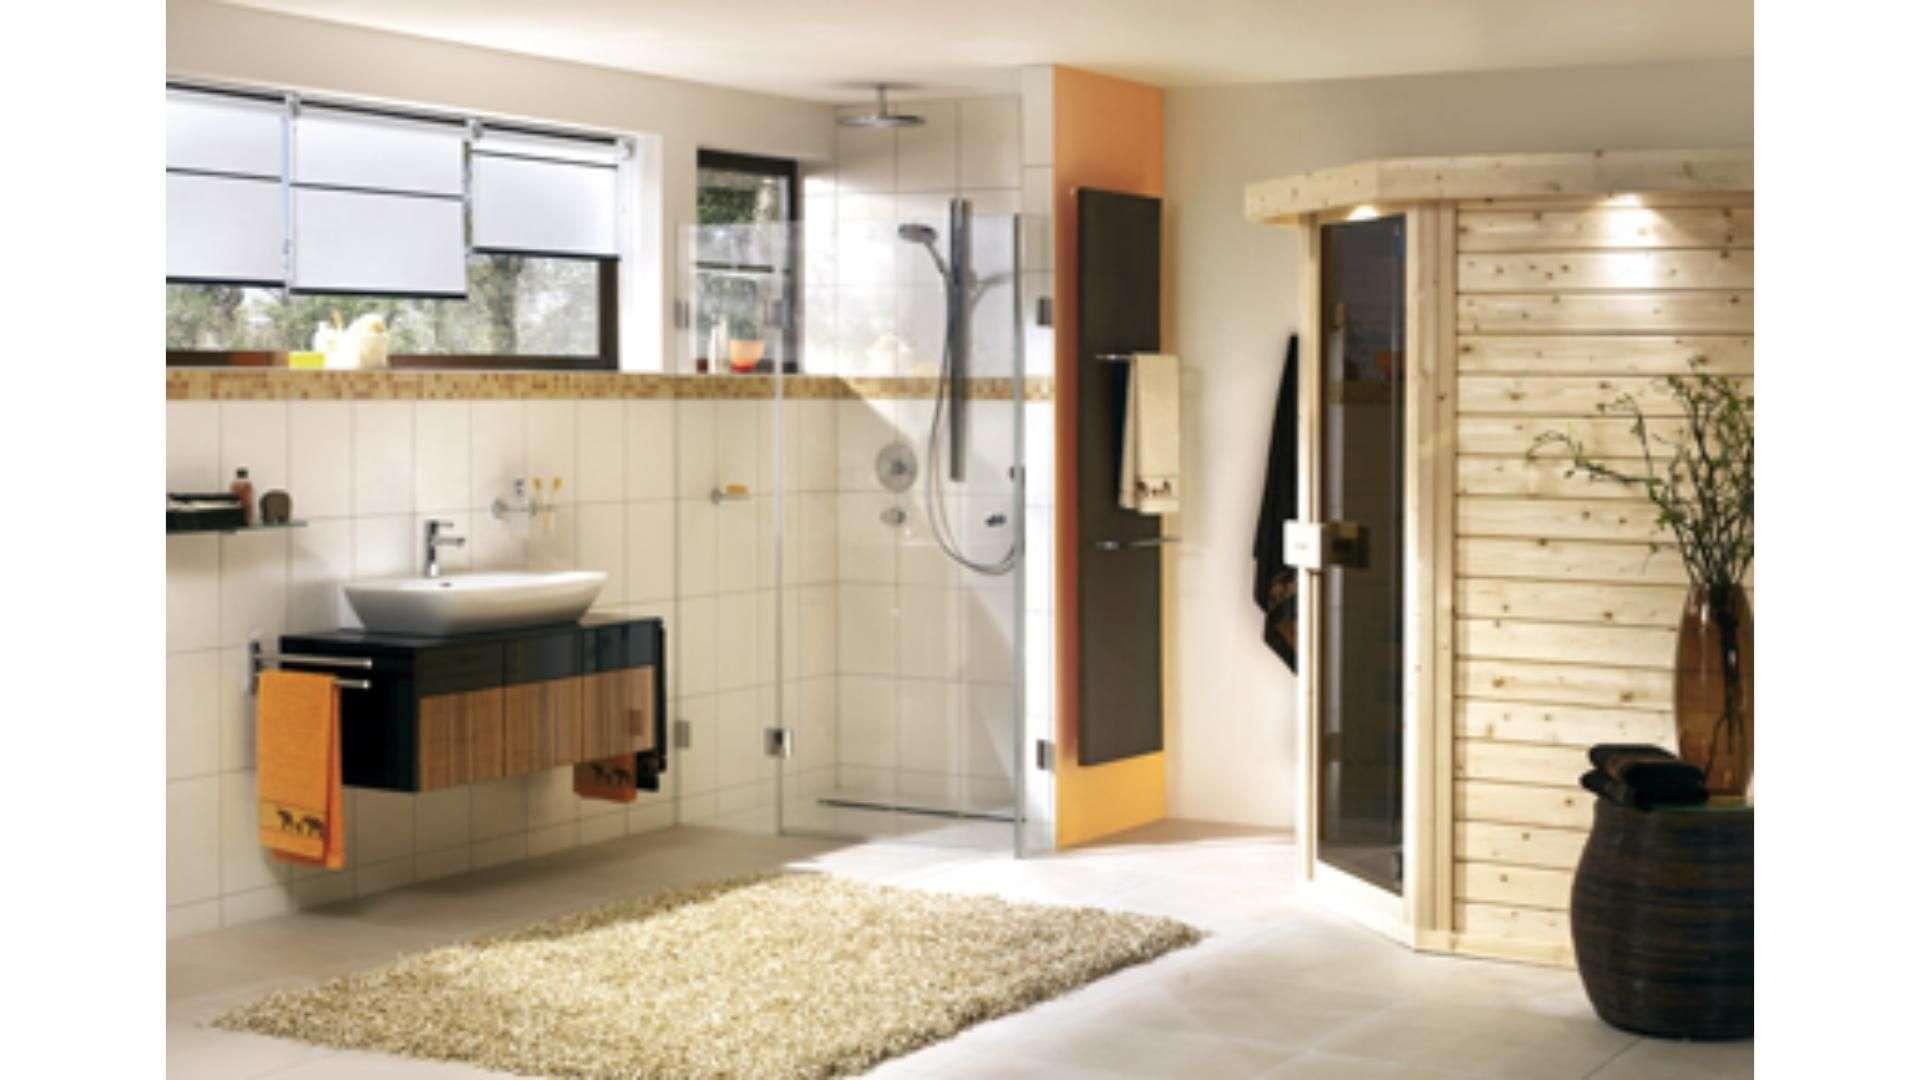 Badezimmer mit Sauna und Dusche mit Glastüren